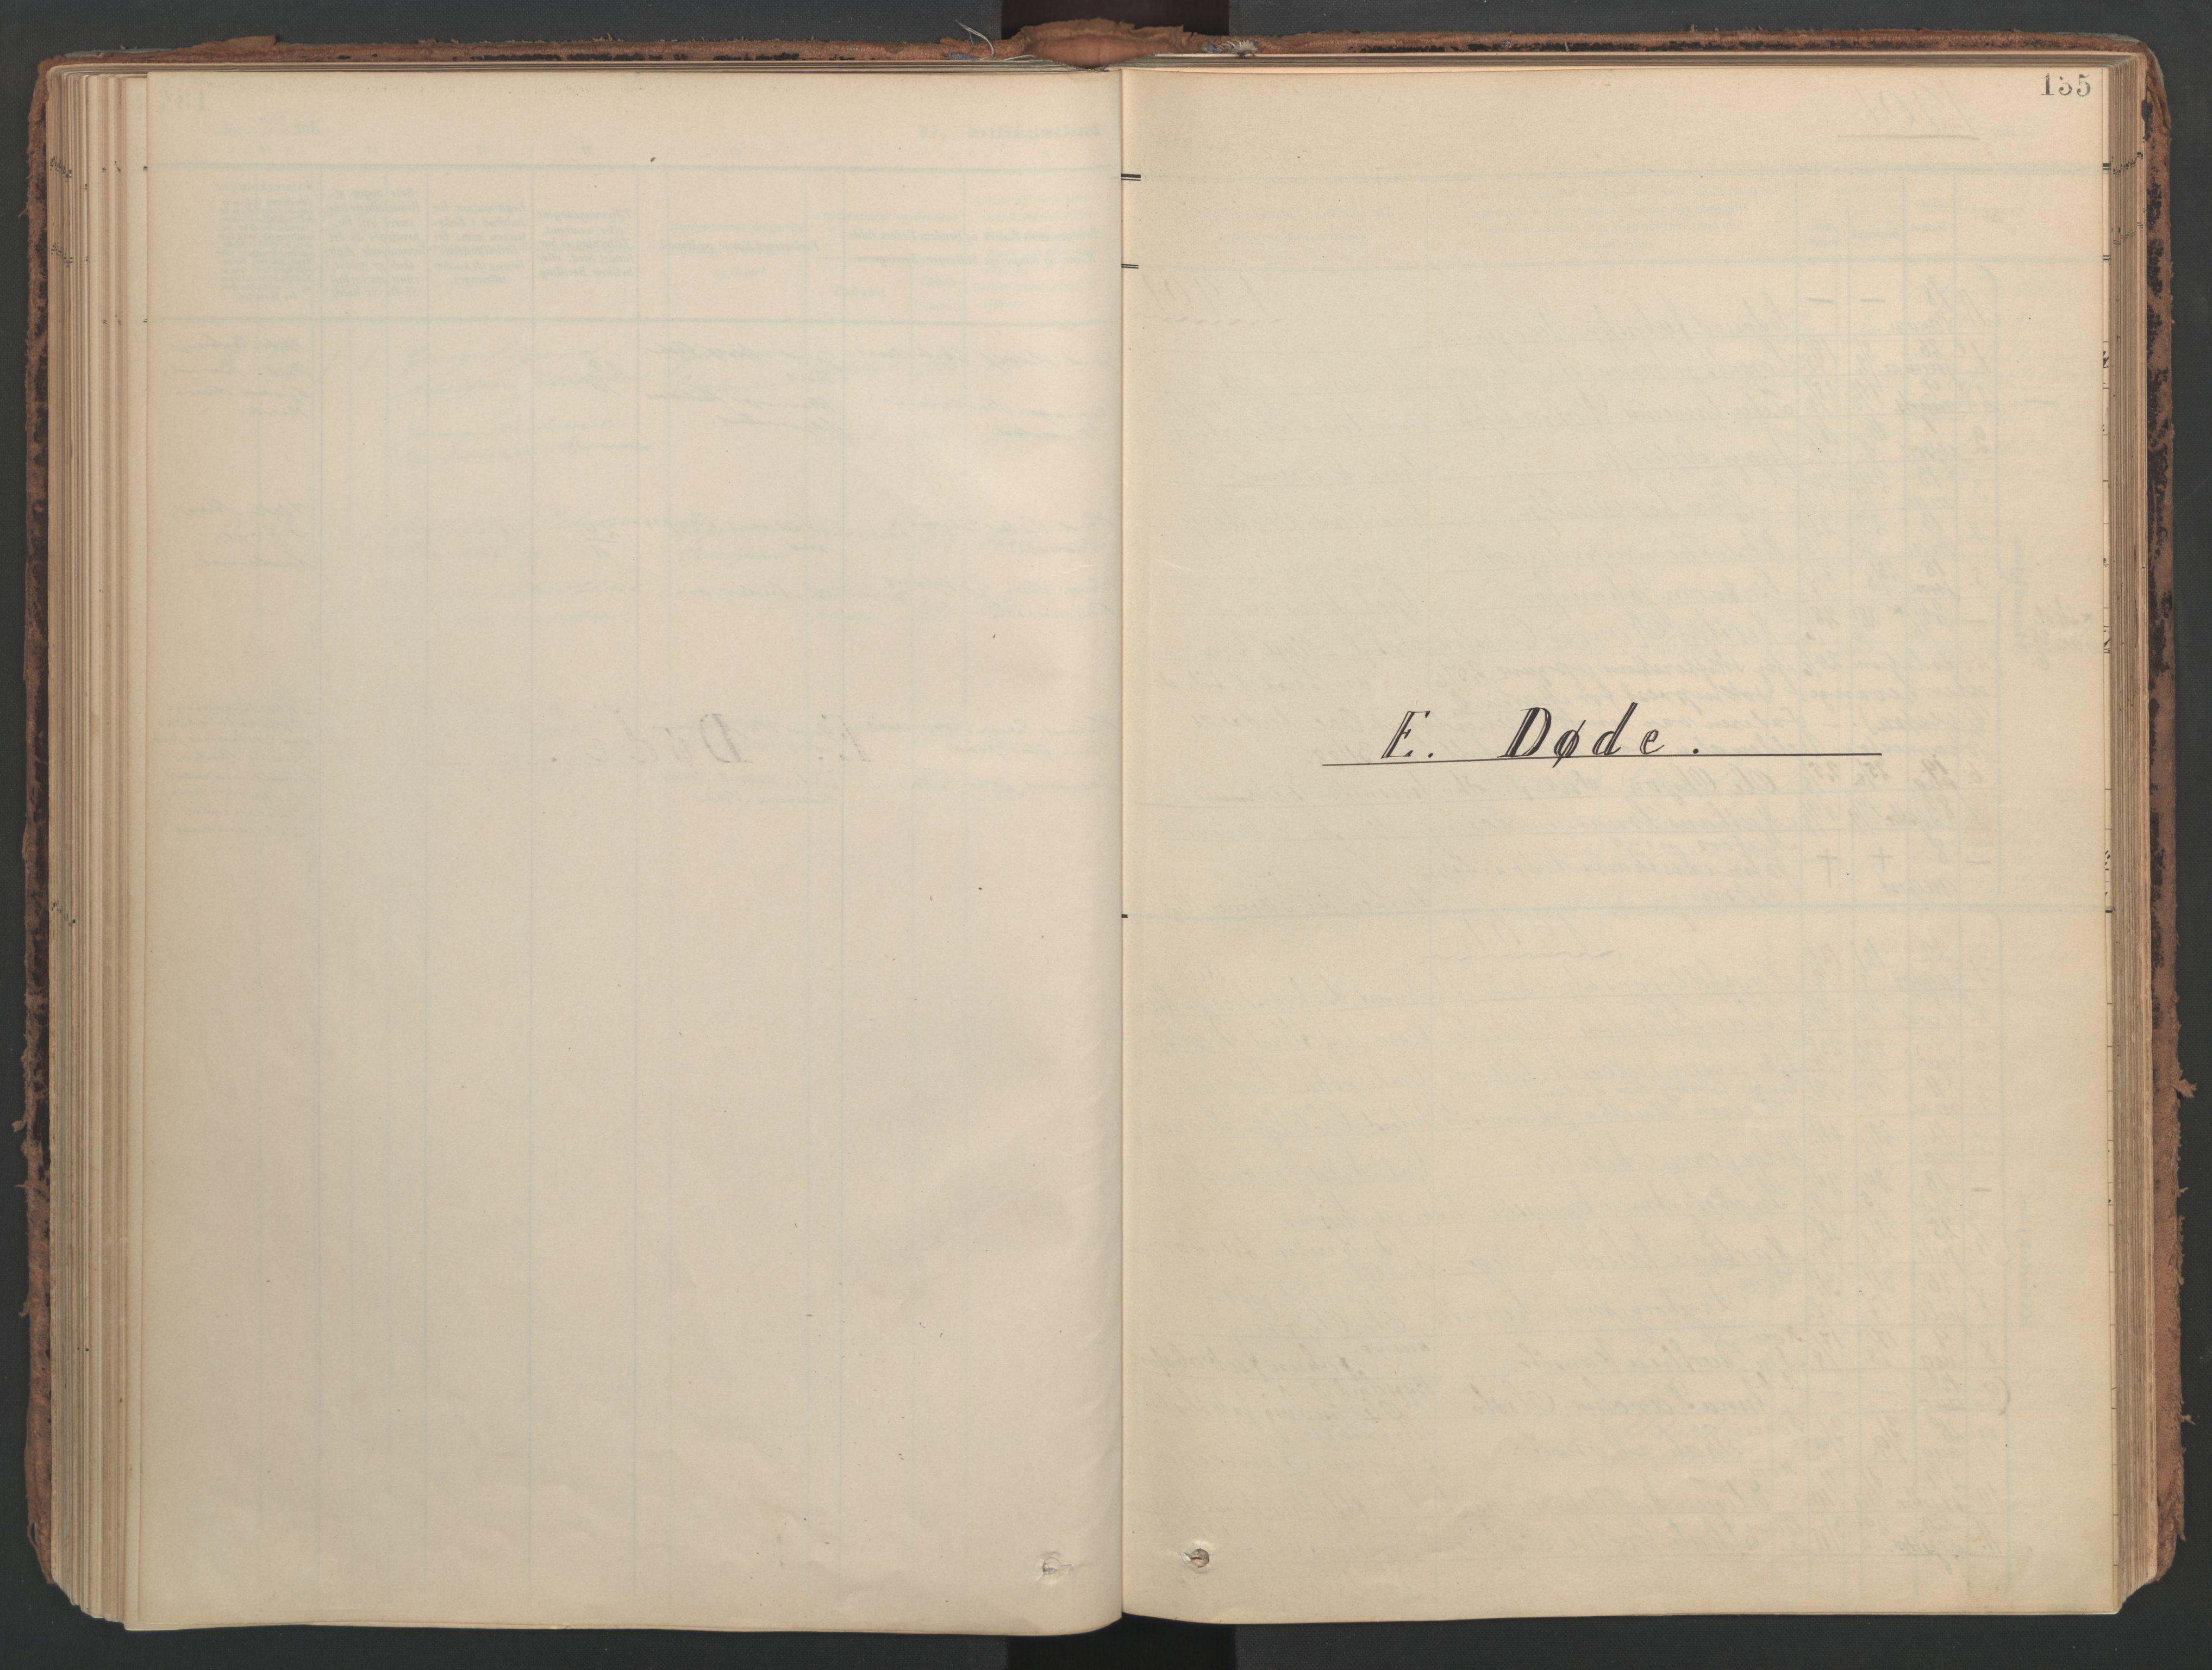 SAT, Ministerialprotokoller, klokkerbøker og fødselsregistre - Nord-Trøndelag, 741/L0397: Ministerialbok nr. 741A11, 1901-1911, s. 135